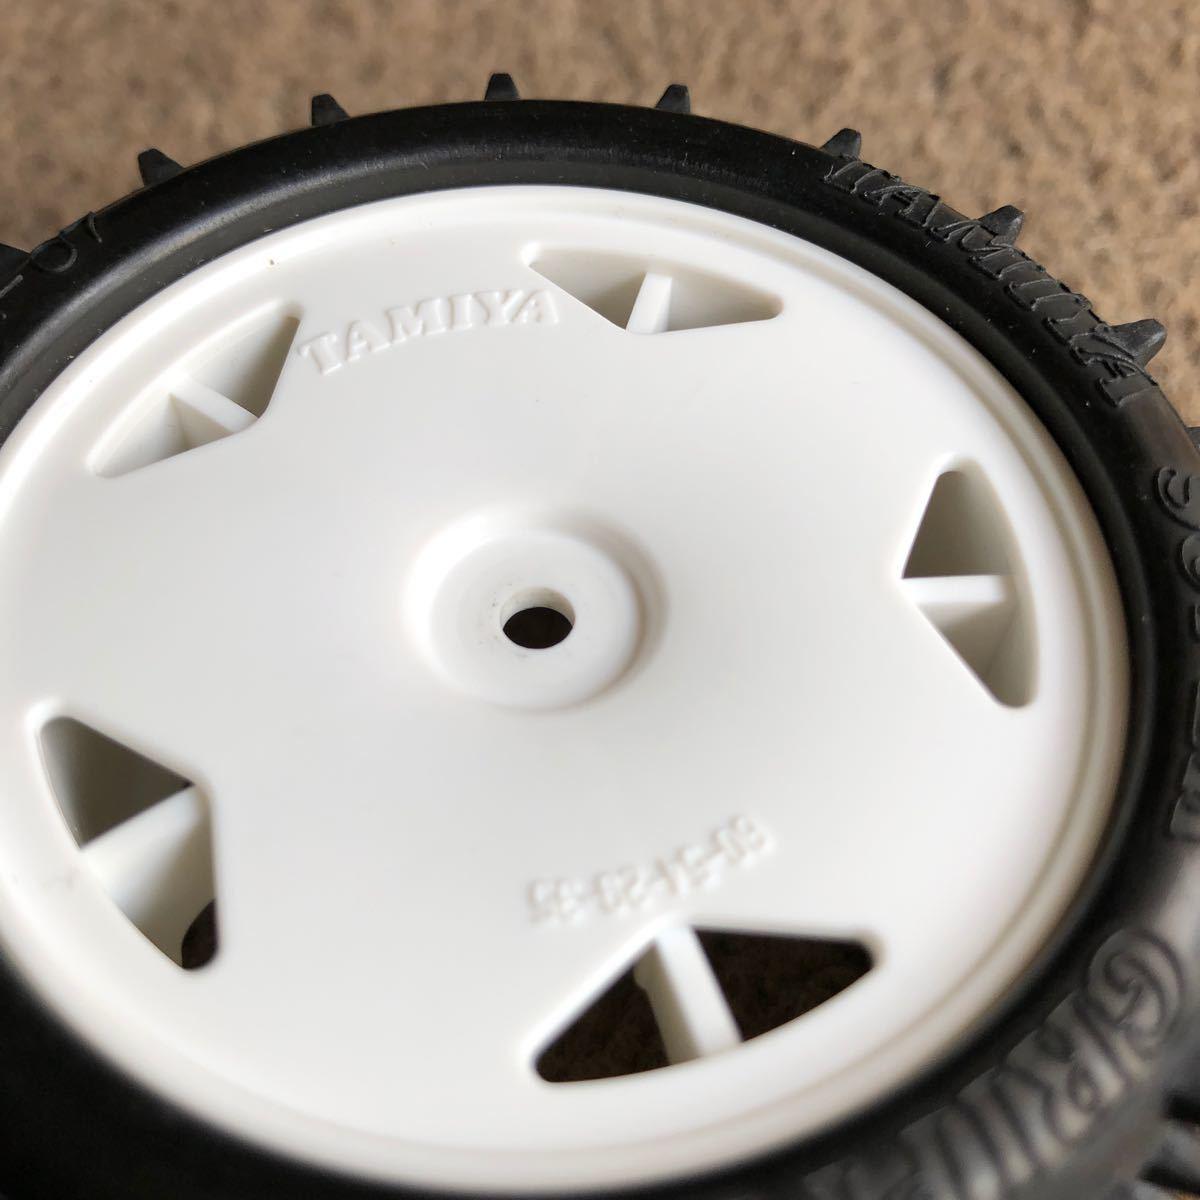 タミヤ DT-02 デザートゲイター タイヤ ホイル サスアーム